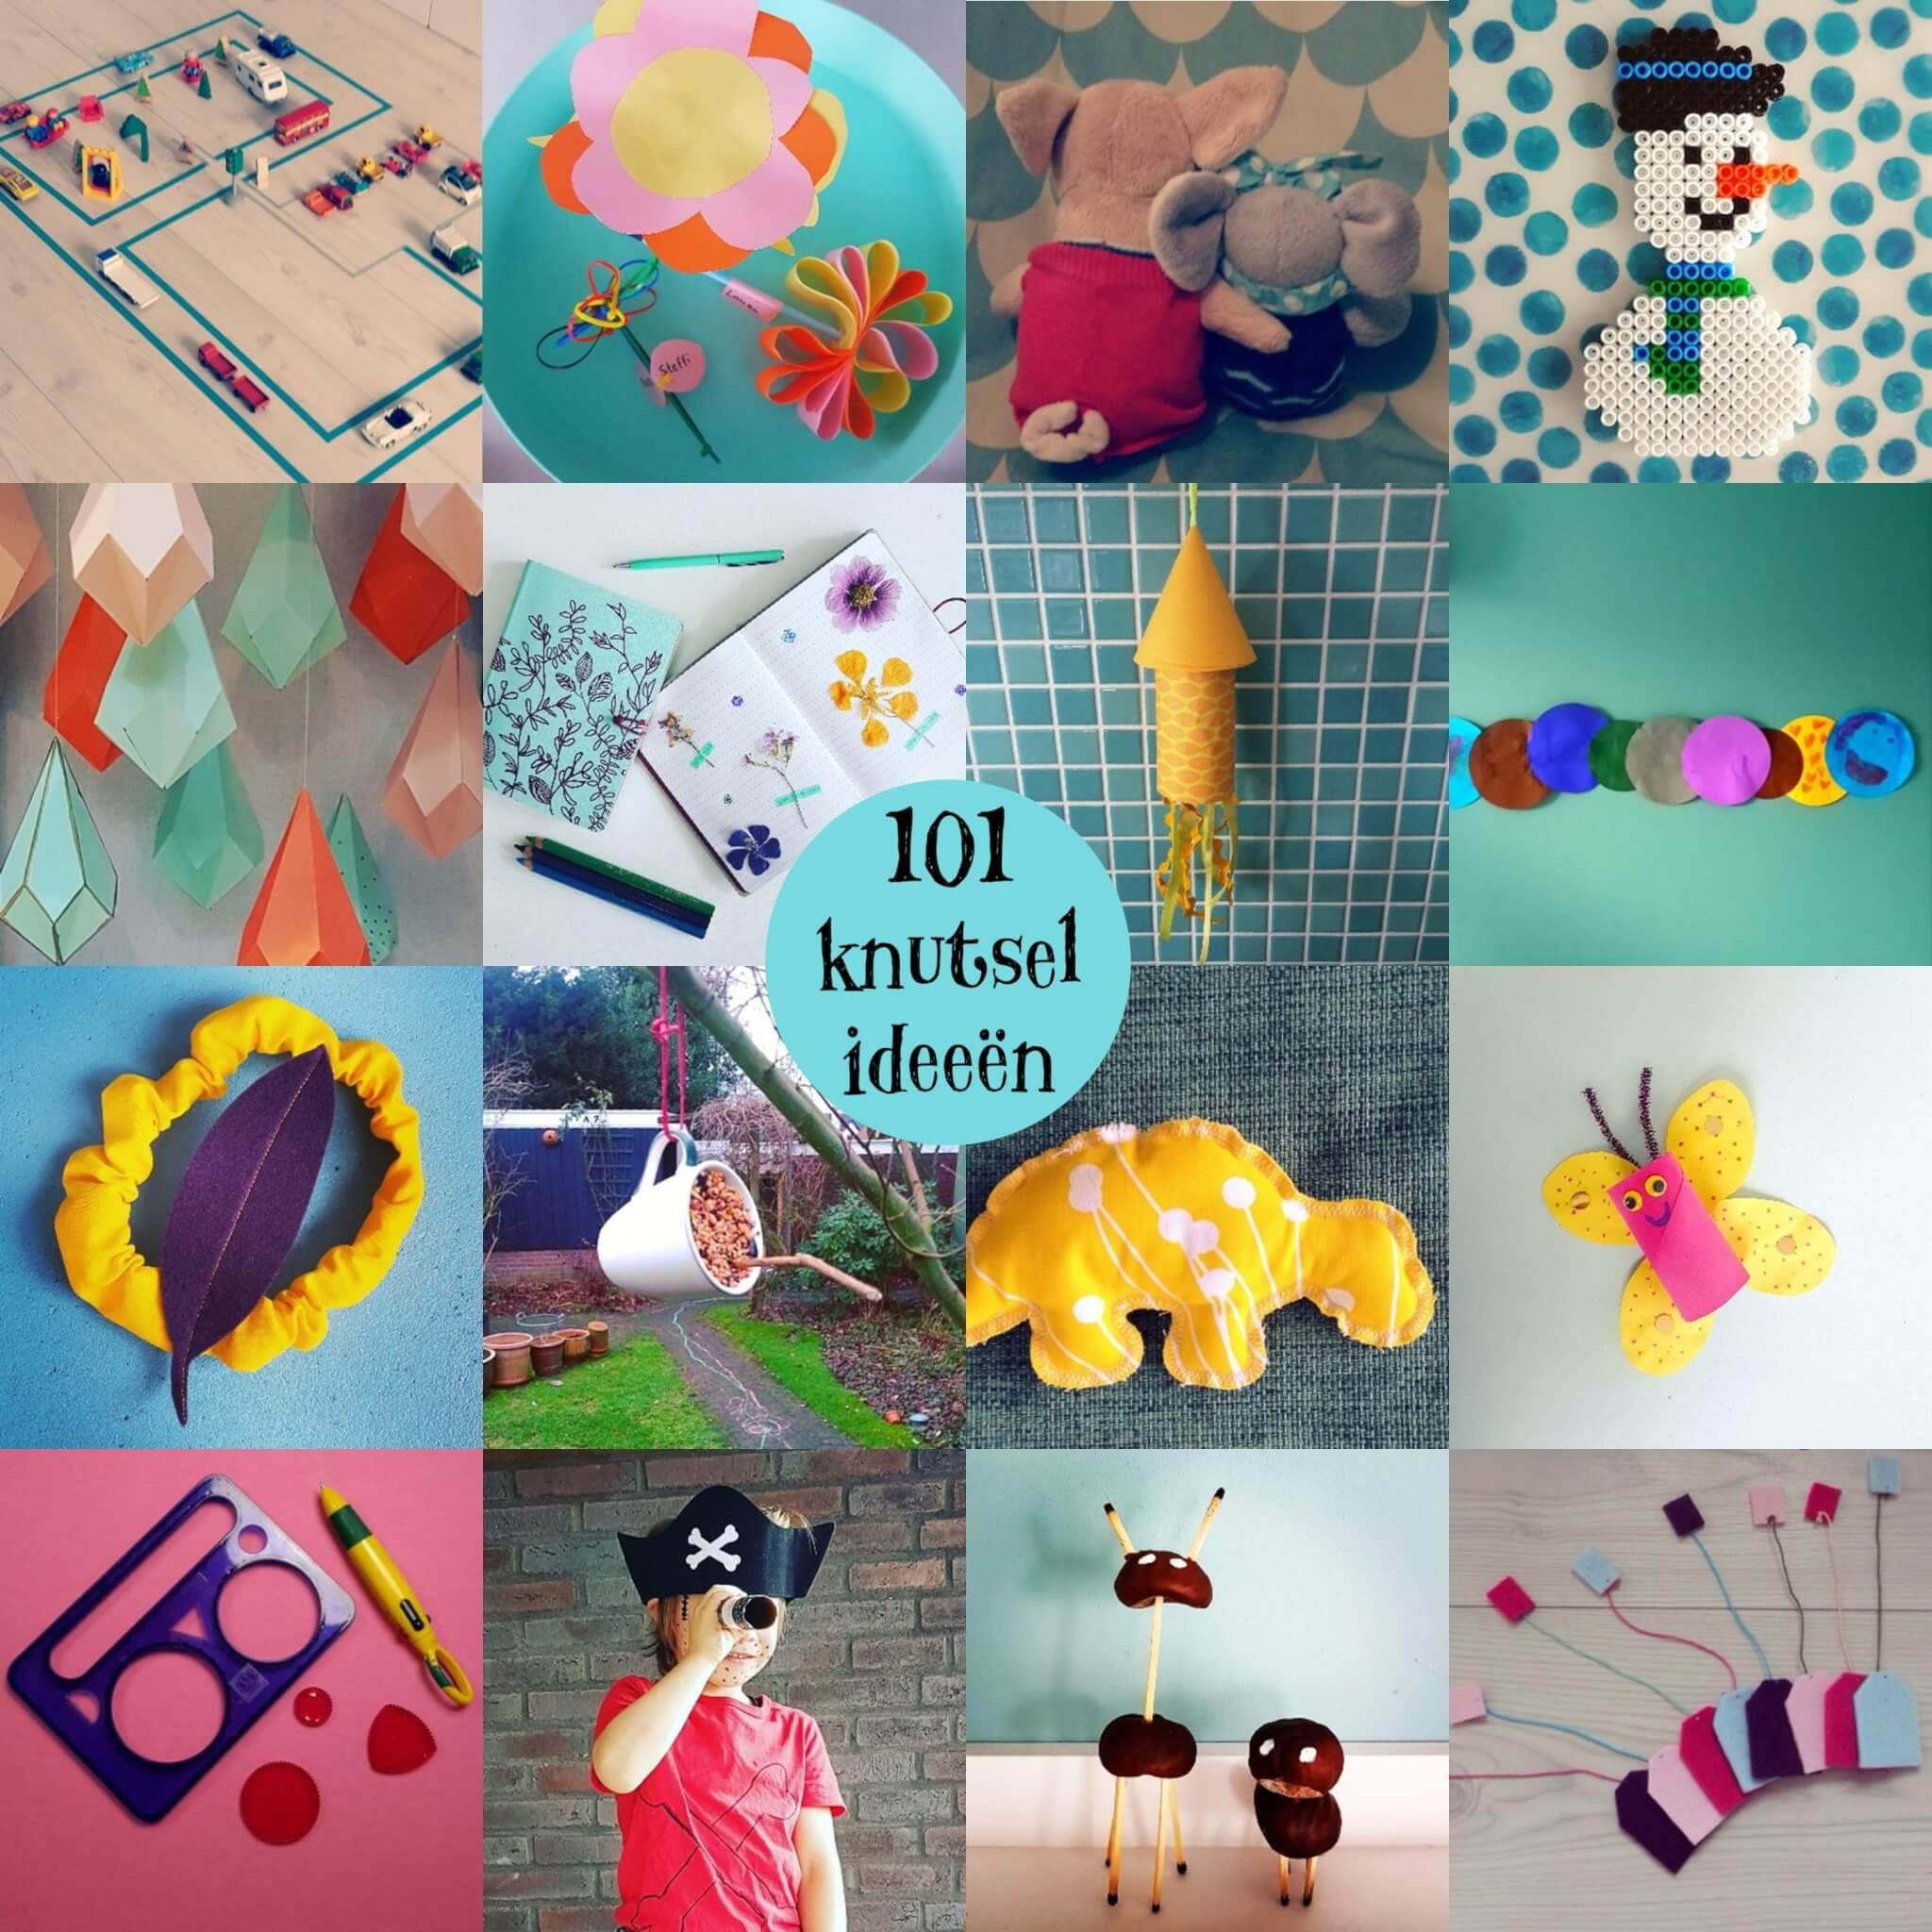 Verrassend 101 ideeën om te knutselen met kinderen - Leuk met kids VX-34